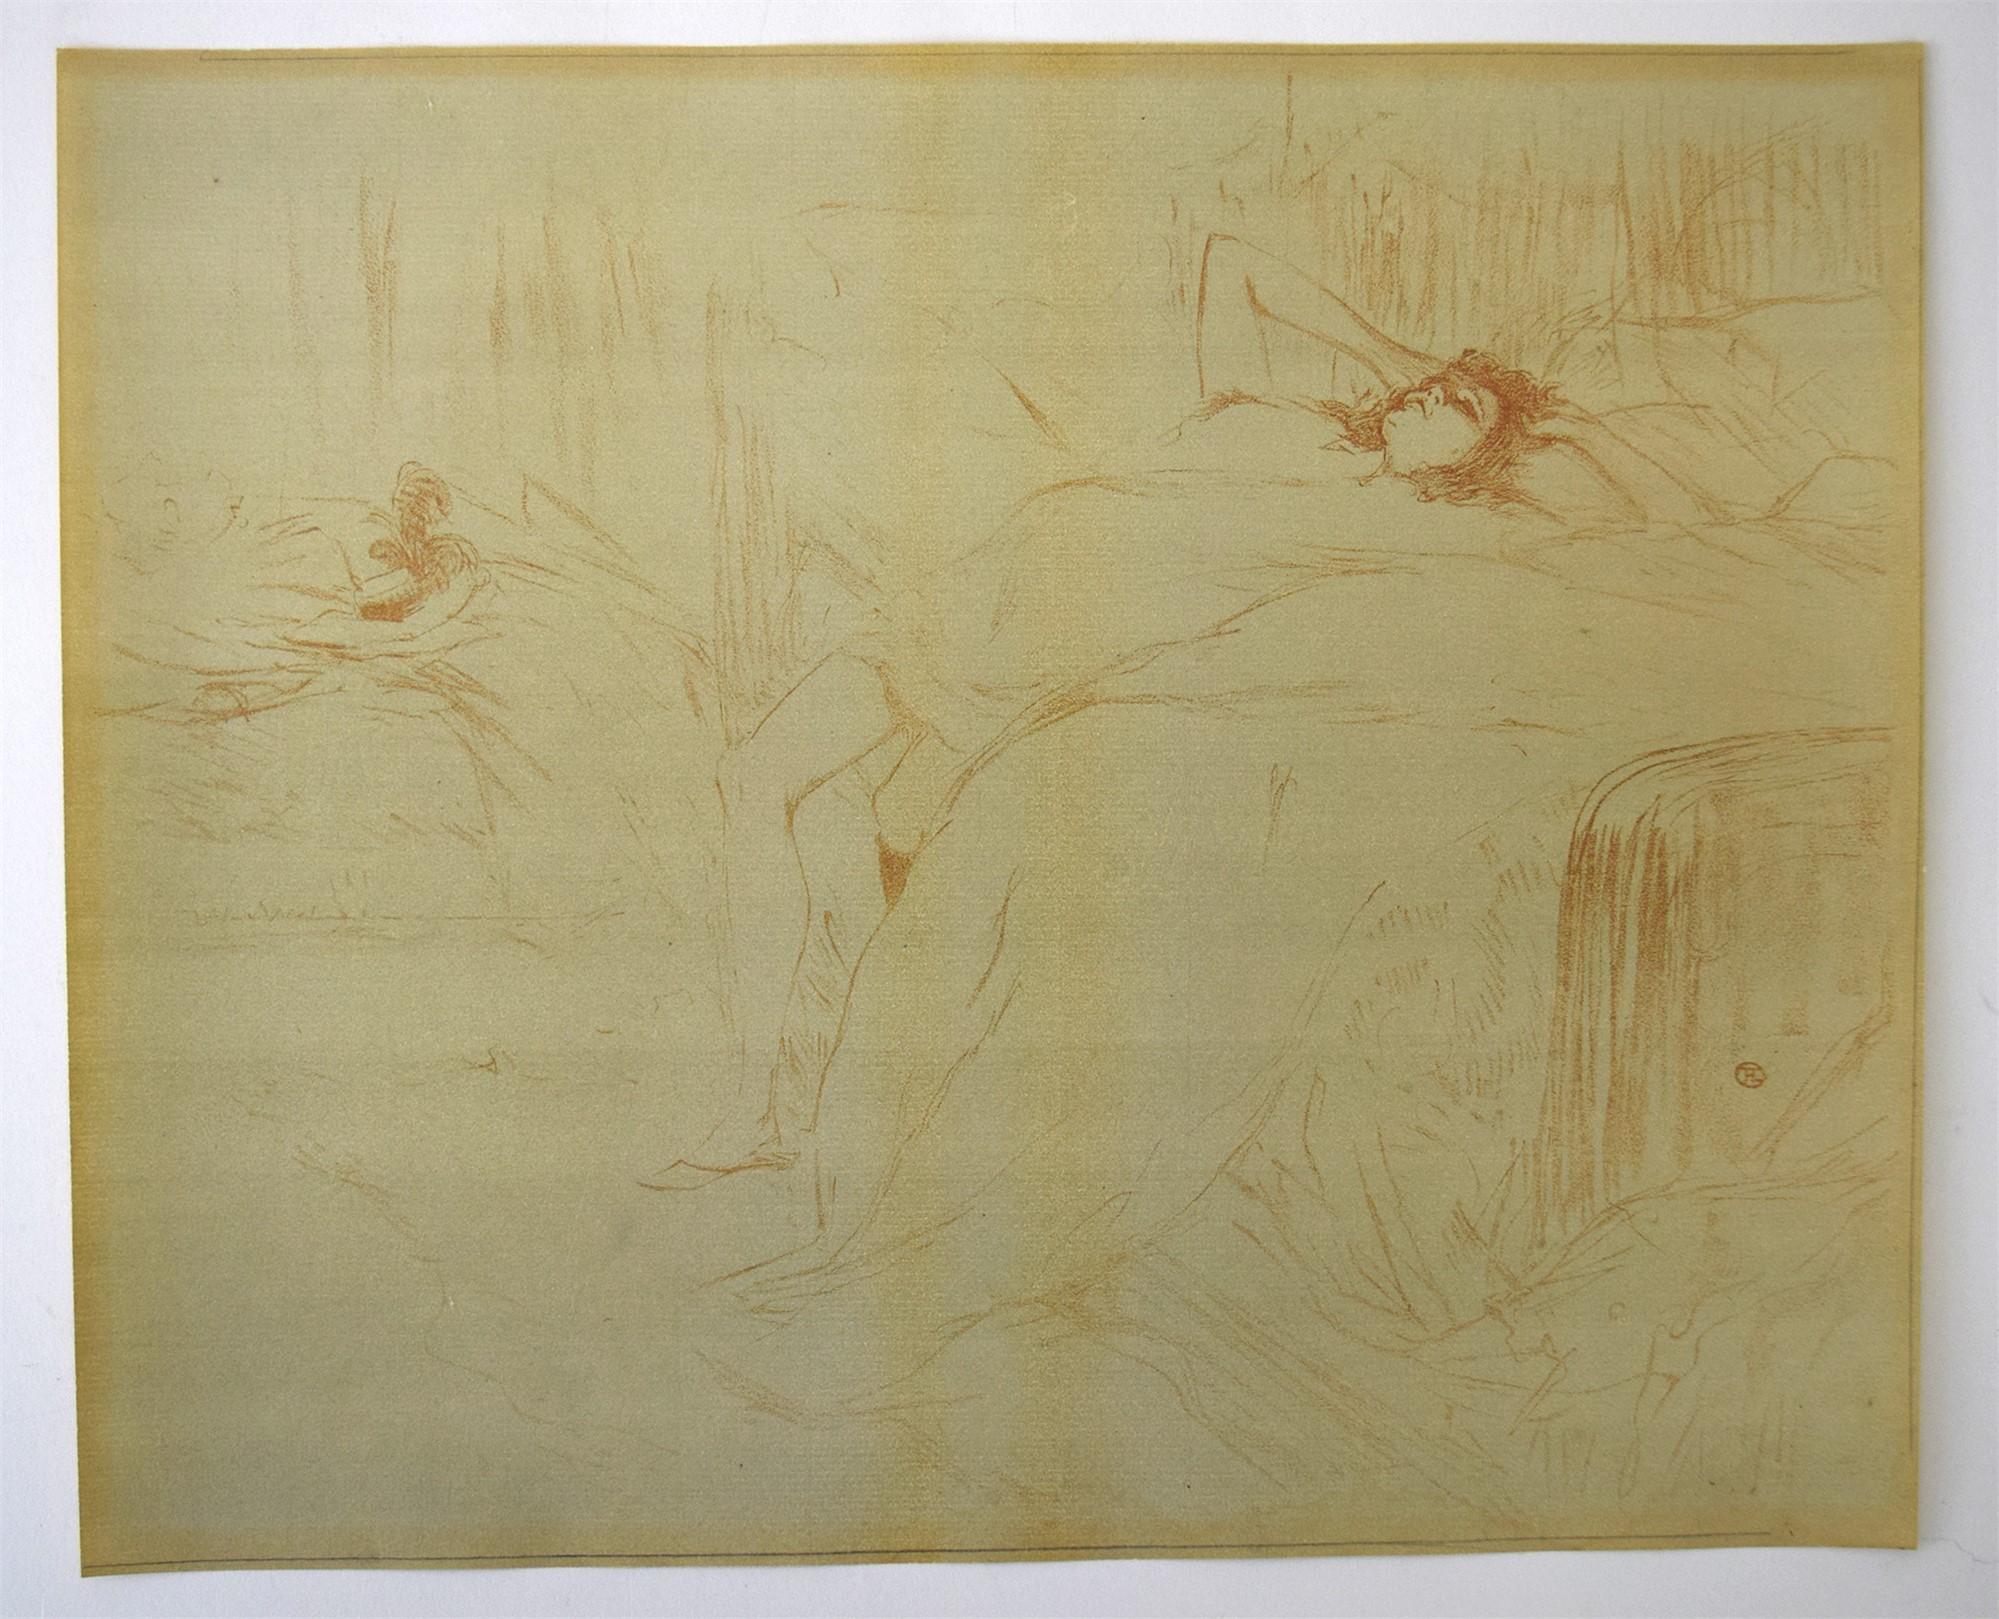 RECLINING WOMAN by Henri de Toulouse-Lautrec